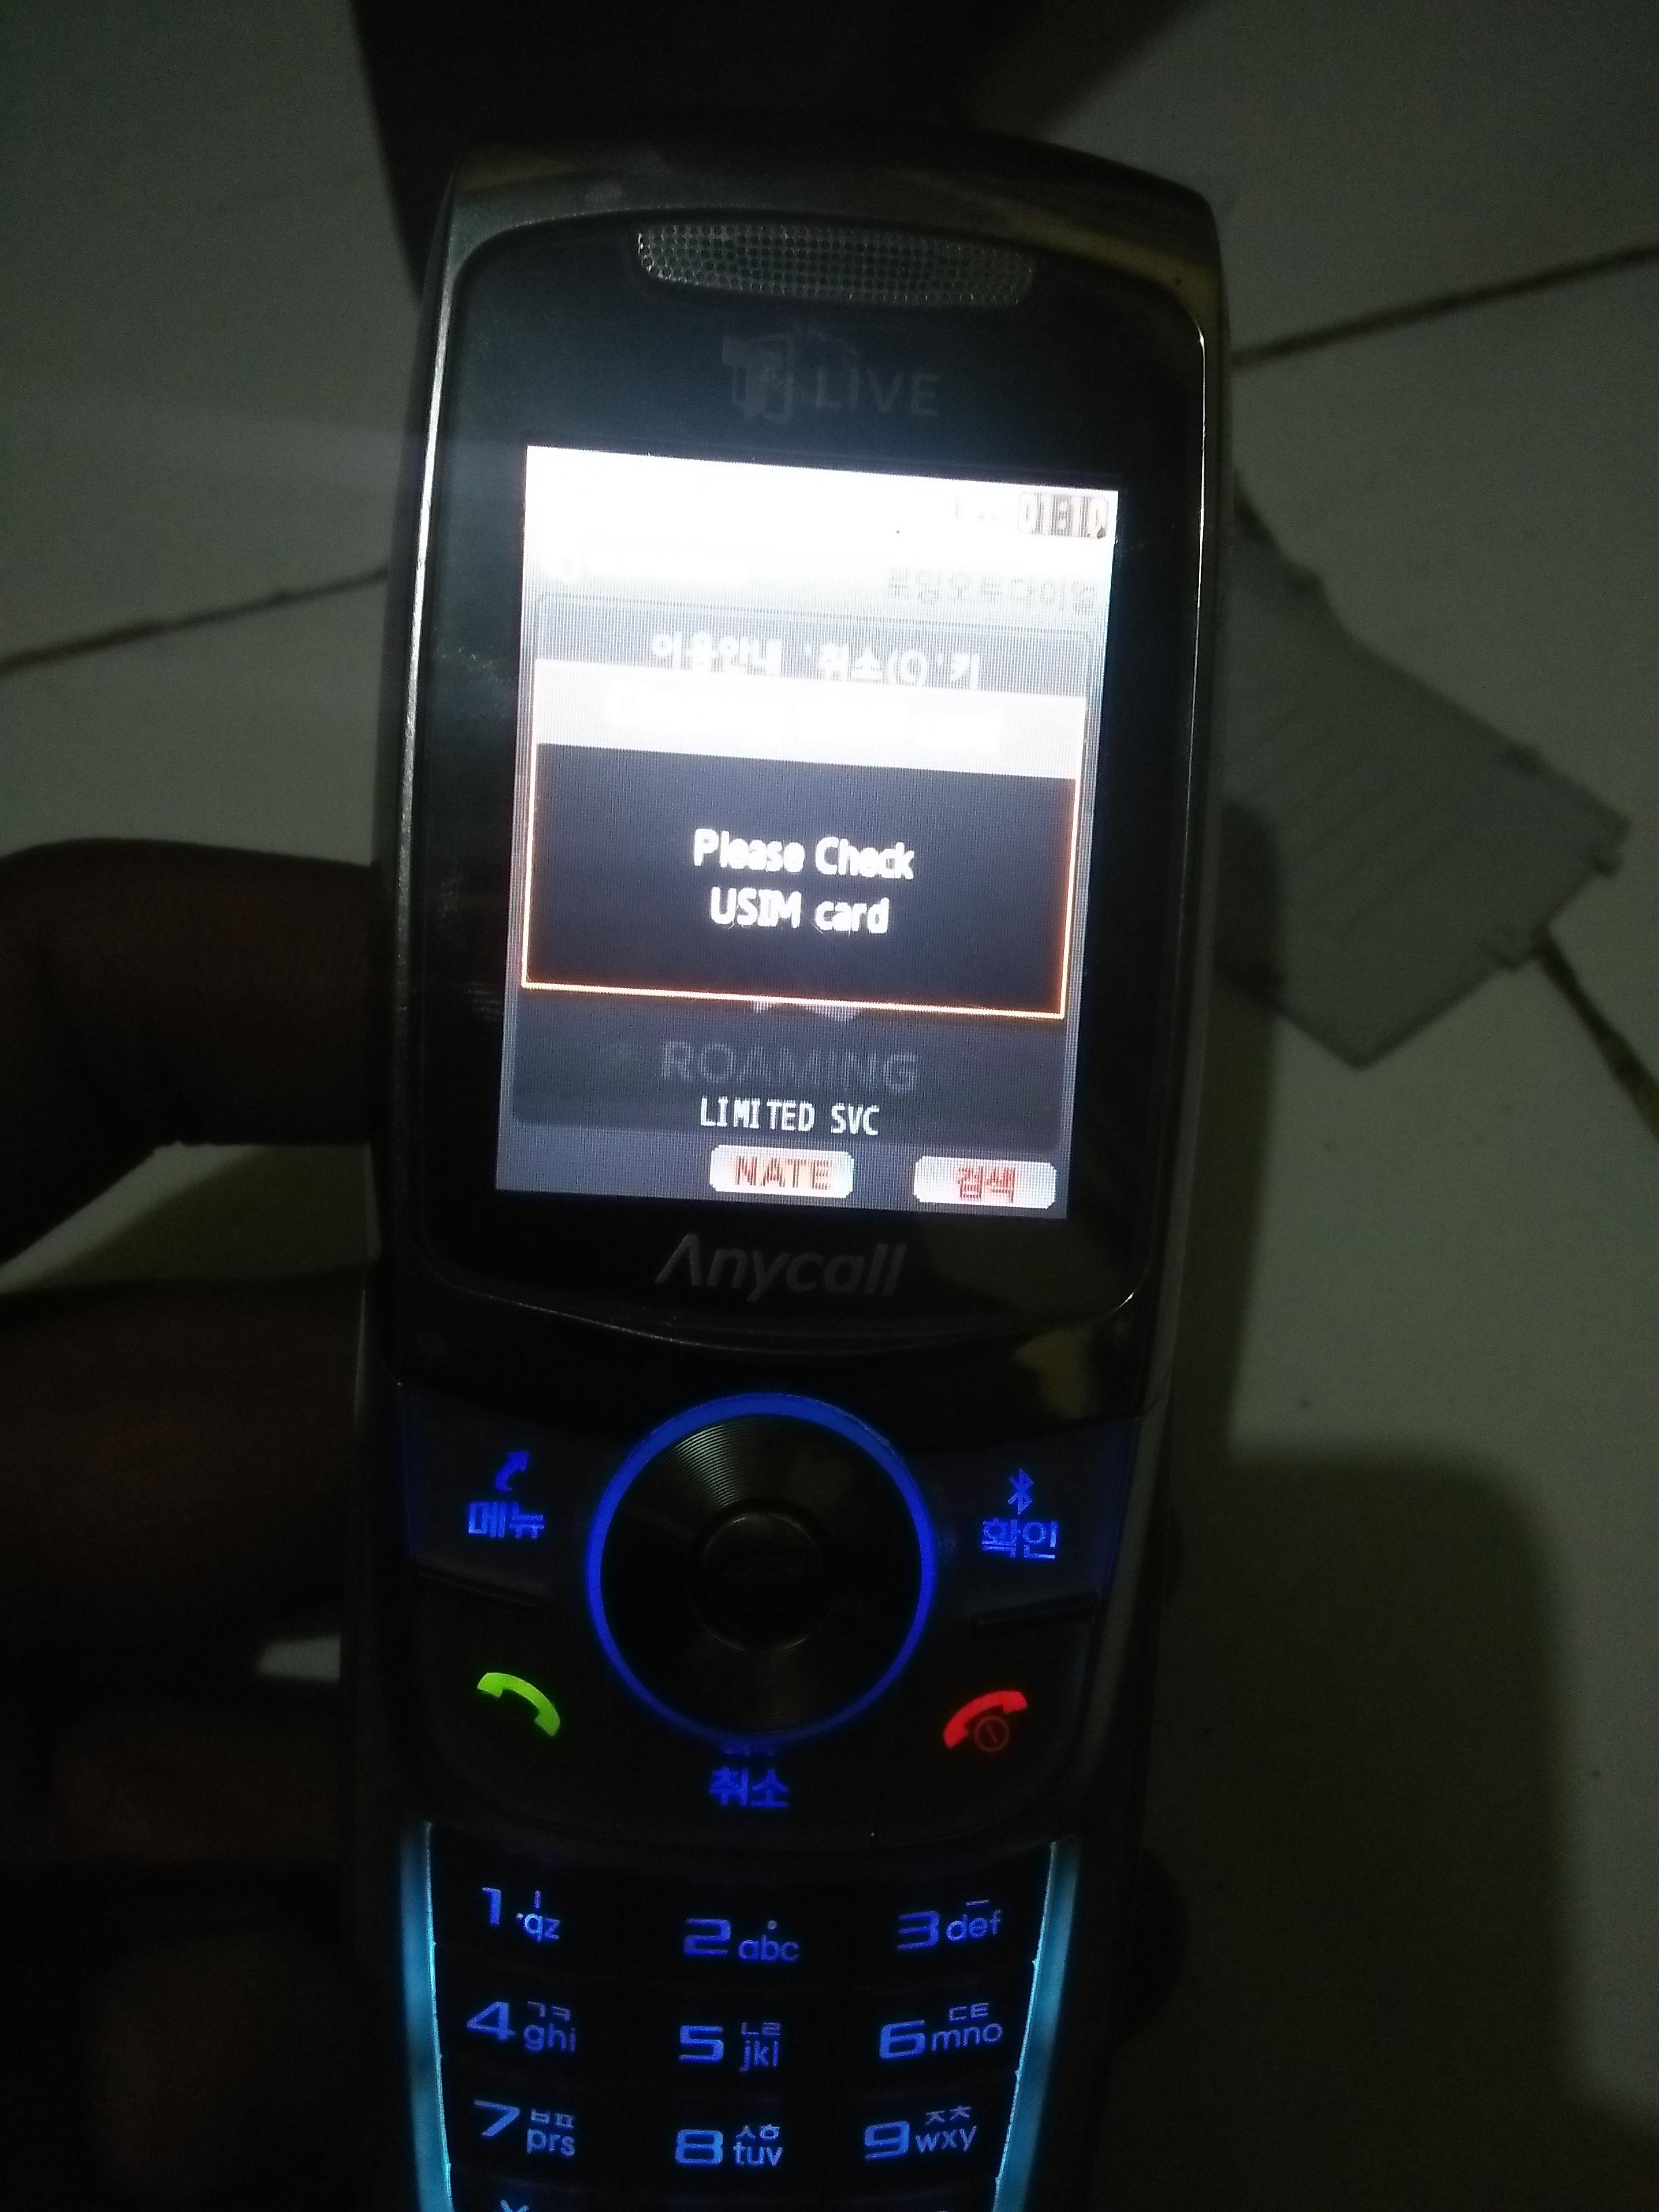 Samsung anycall